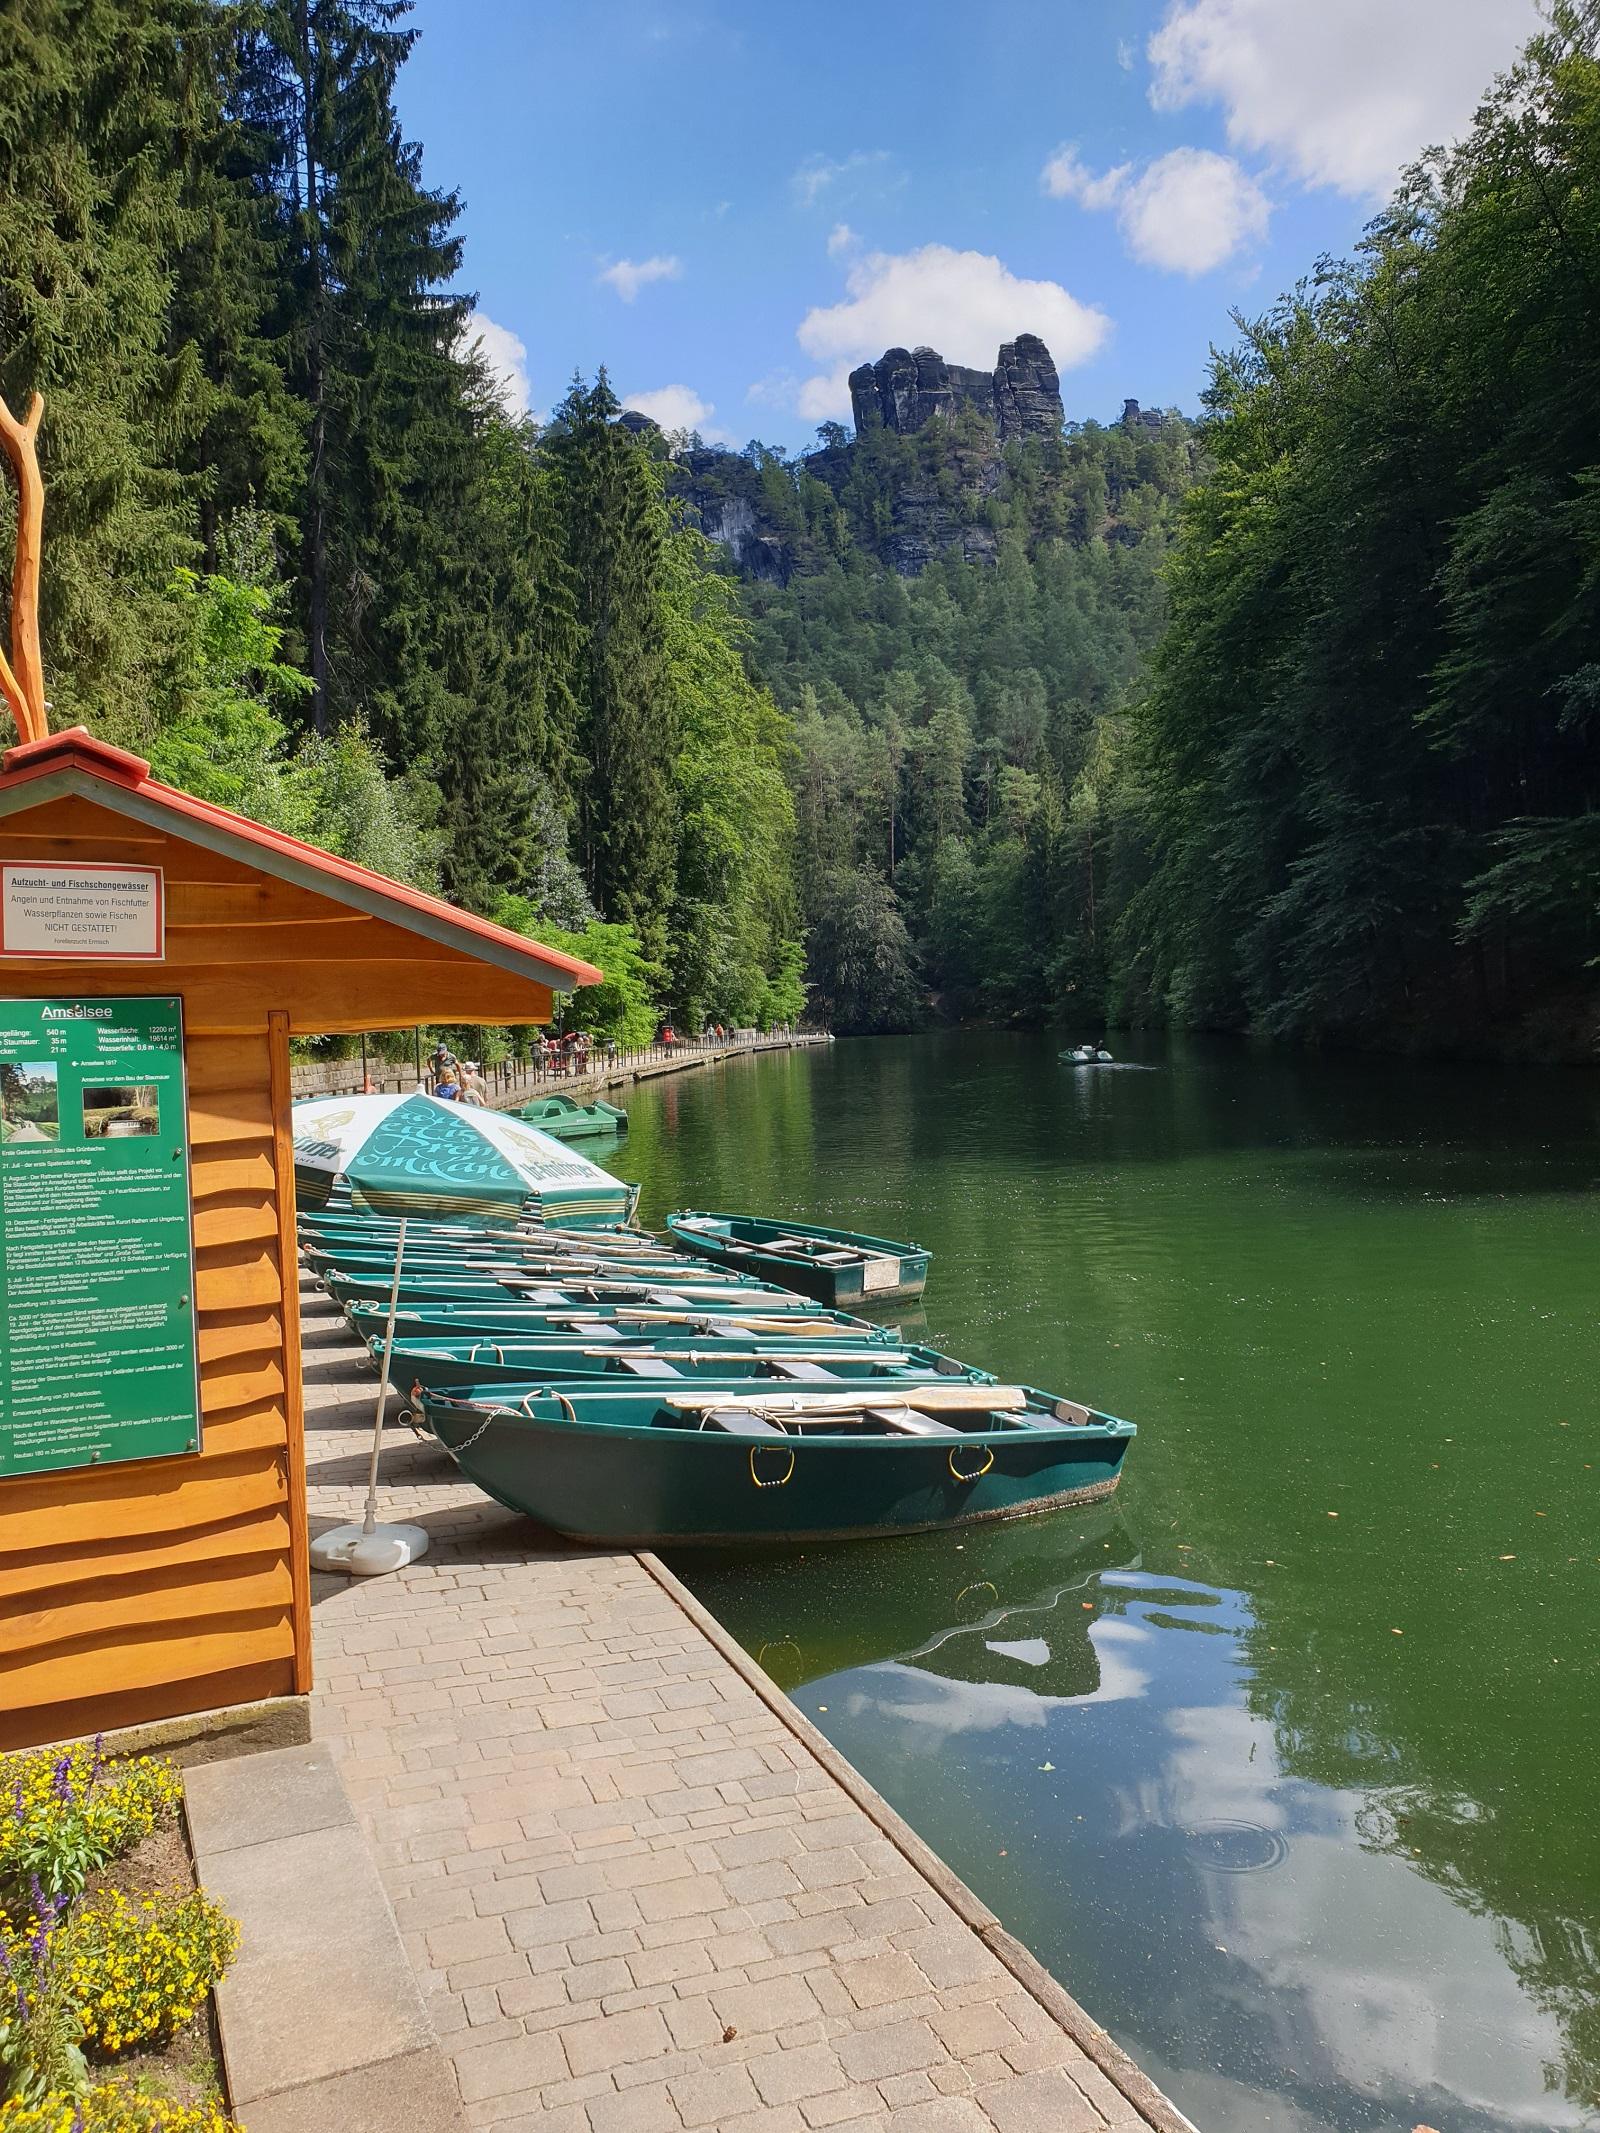 Amselsee_Sächsische_Schweiz